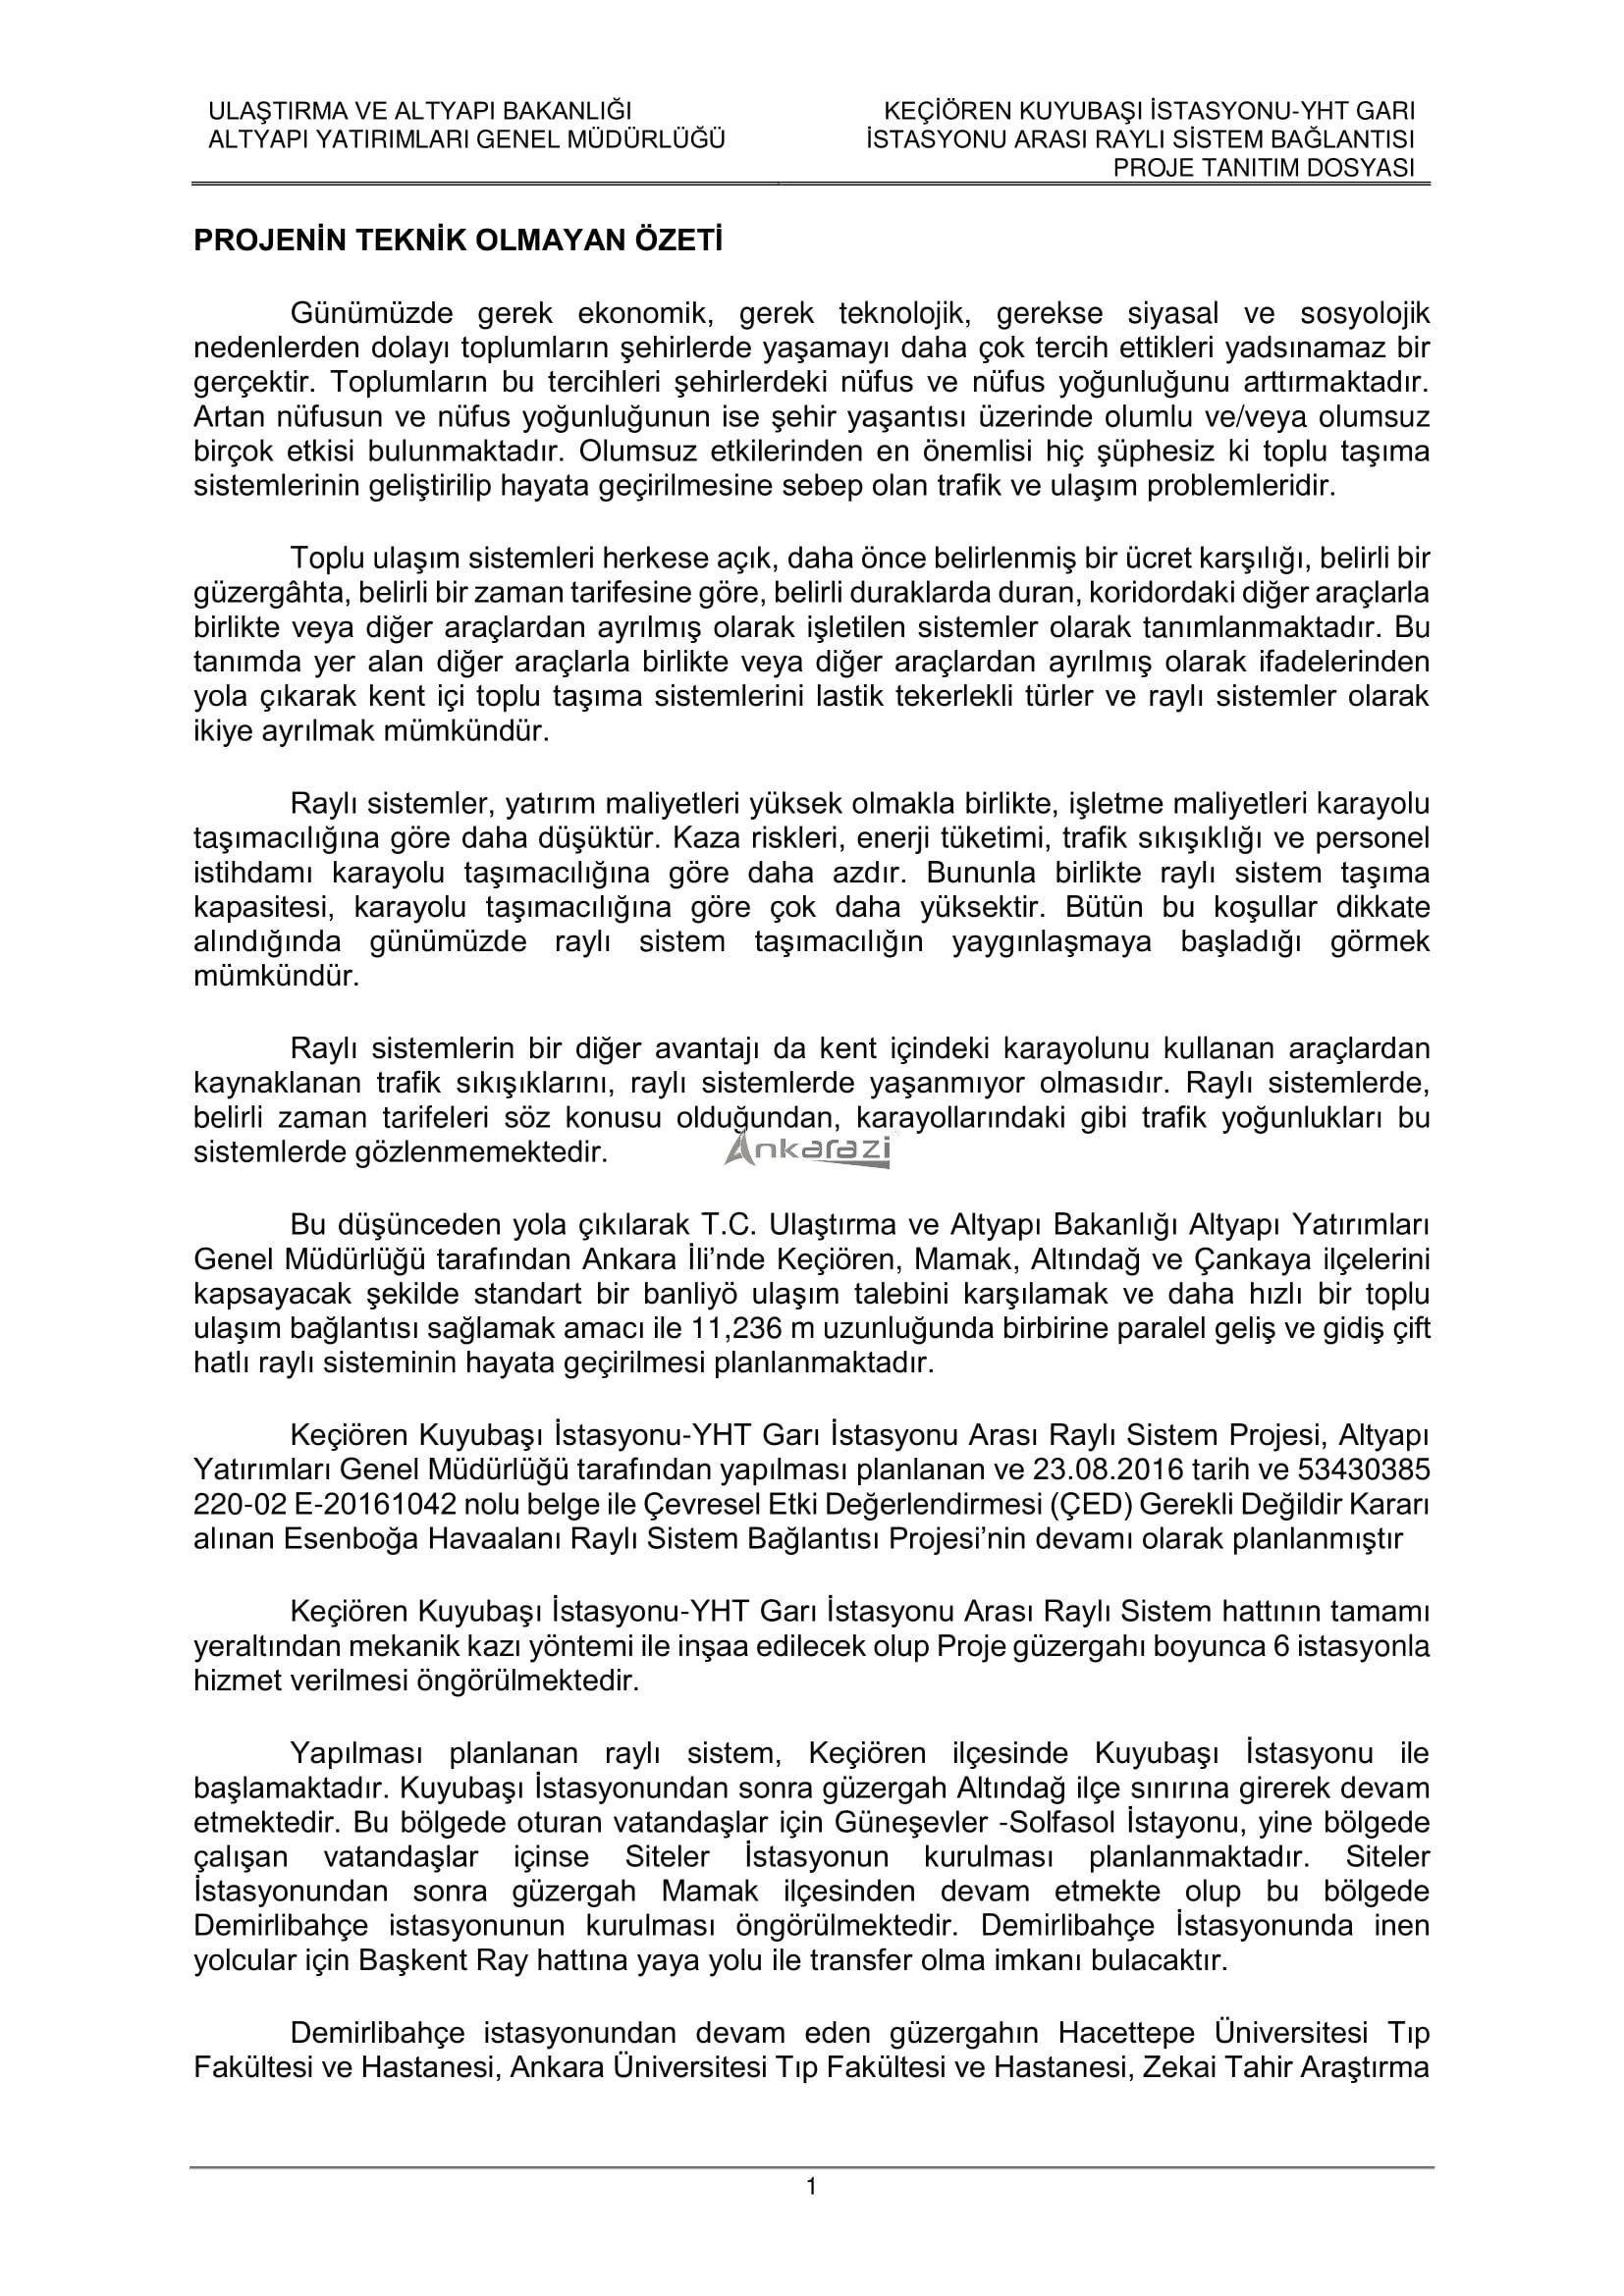 Keçiören-Siteler-YHT Garı Metro Hattı, Nihai Proje Dosyası... 3689